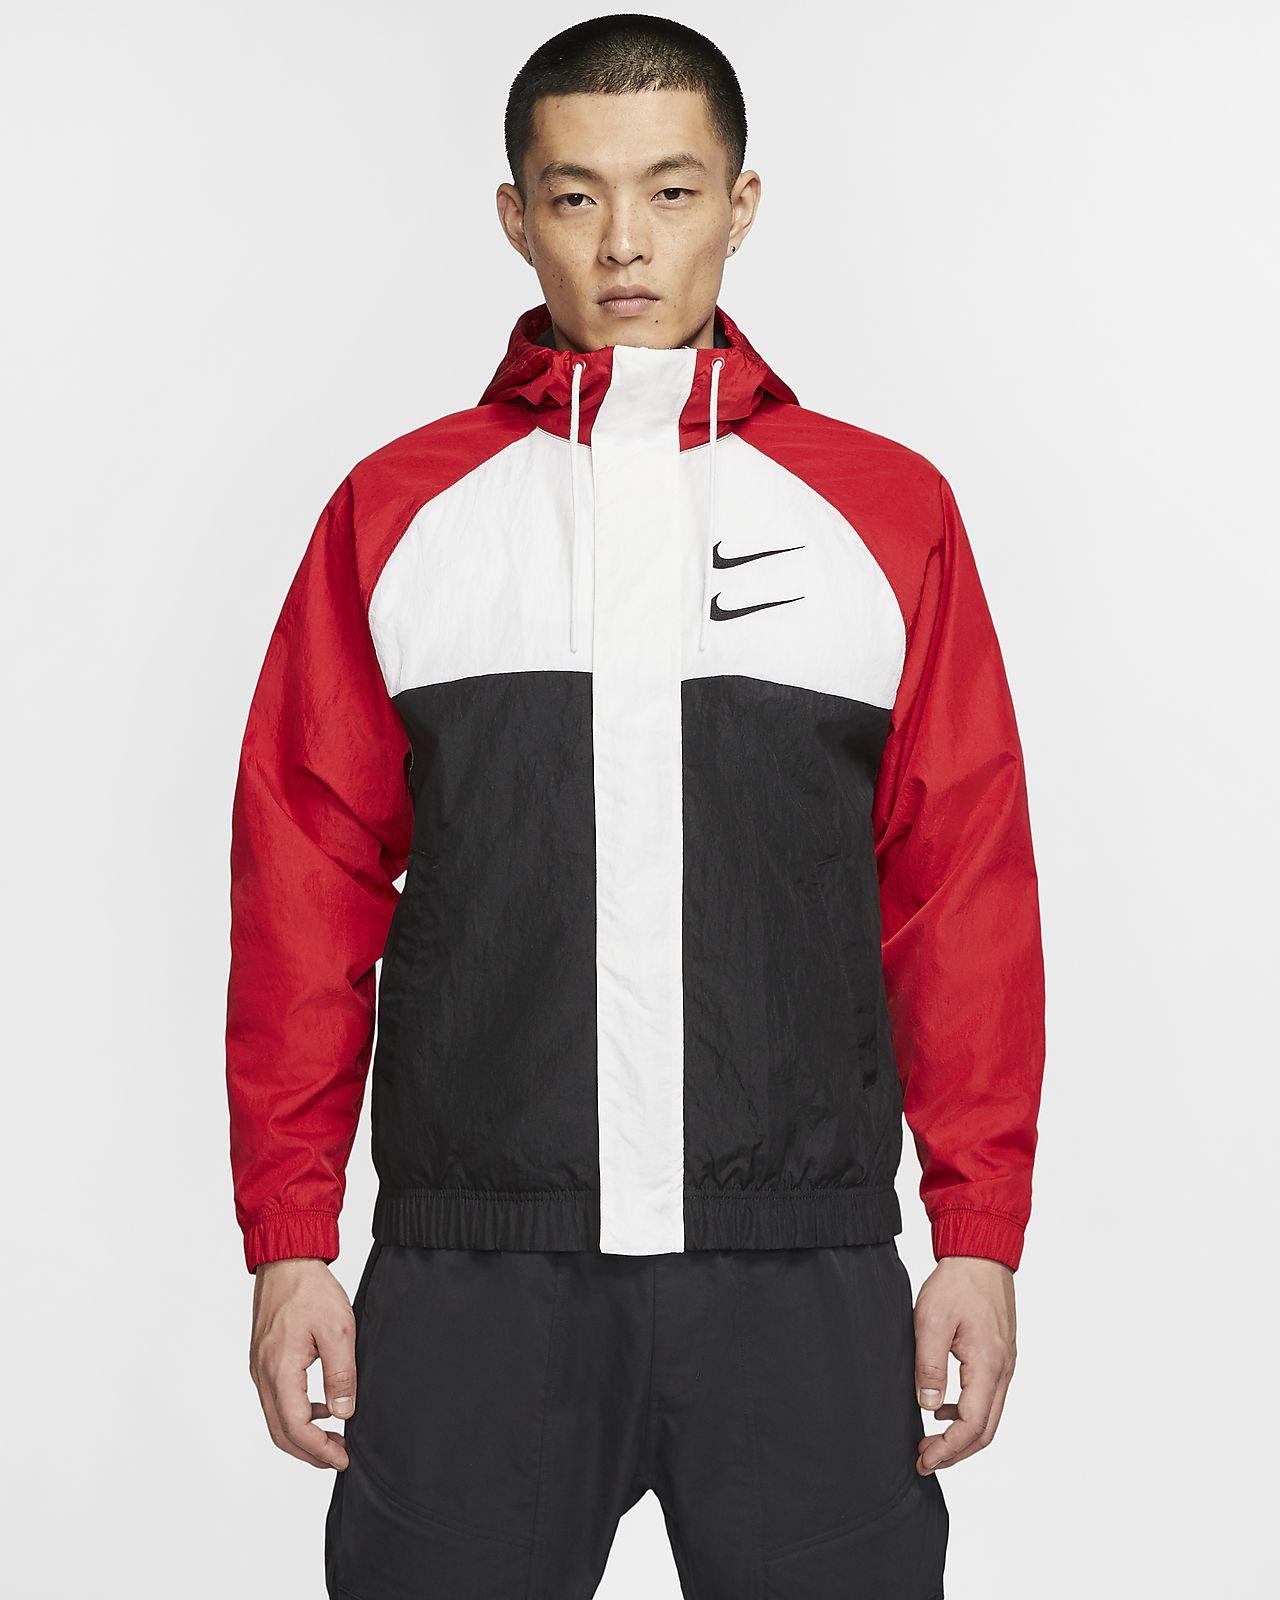 Nike Sportswear Jacken für Herren riesige Auswahl online